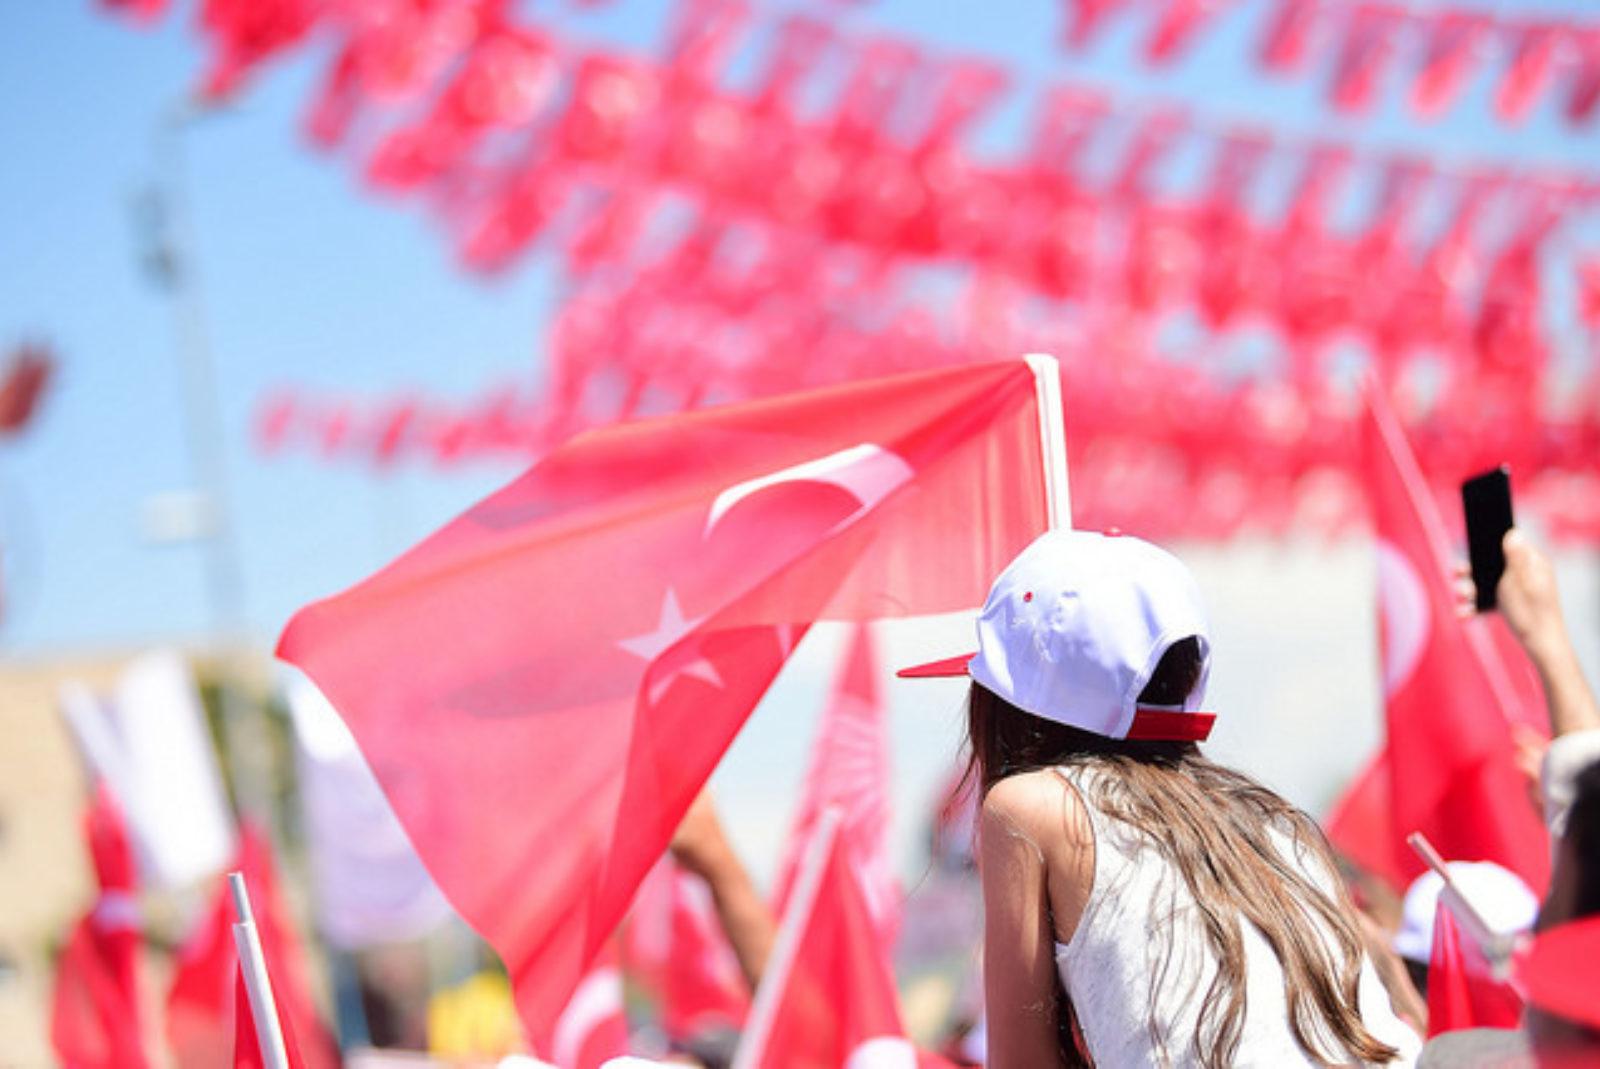 Il riposizionamento geopolitico della nuova Turchia presidenziale di Erdogan